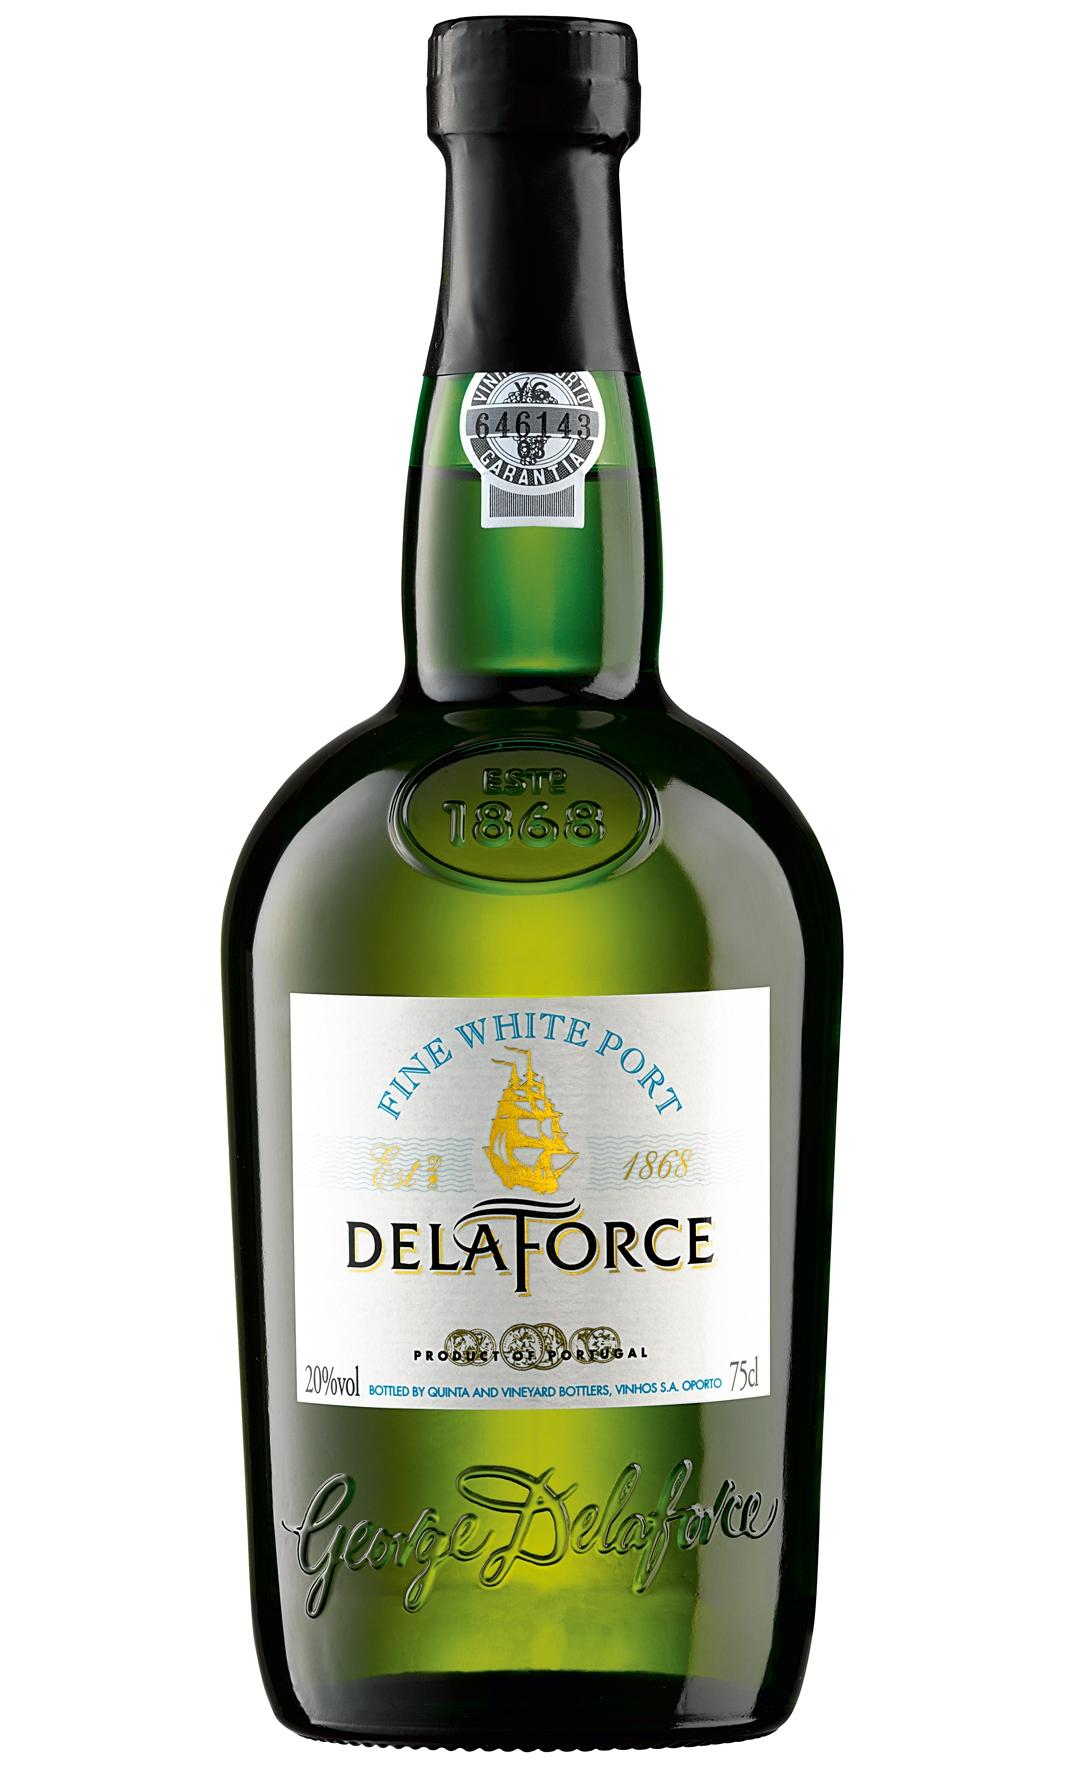 Delaforce Port Fine White